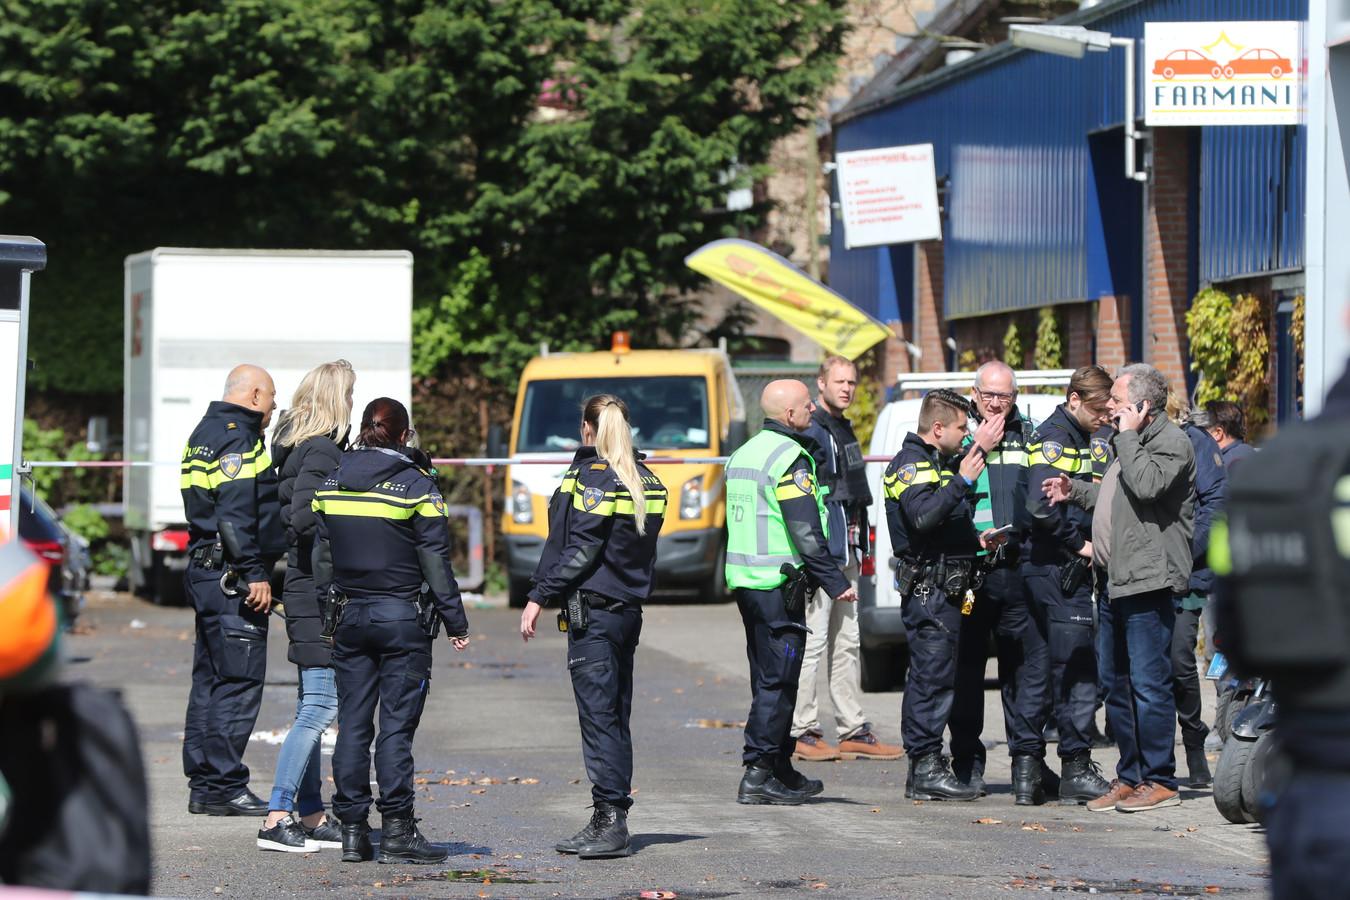 De politie doet onderzoek bij de plek waar de schoten werden gelost.